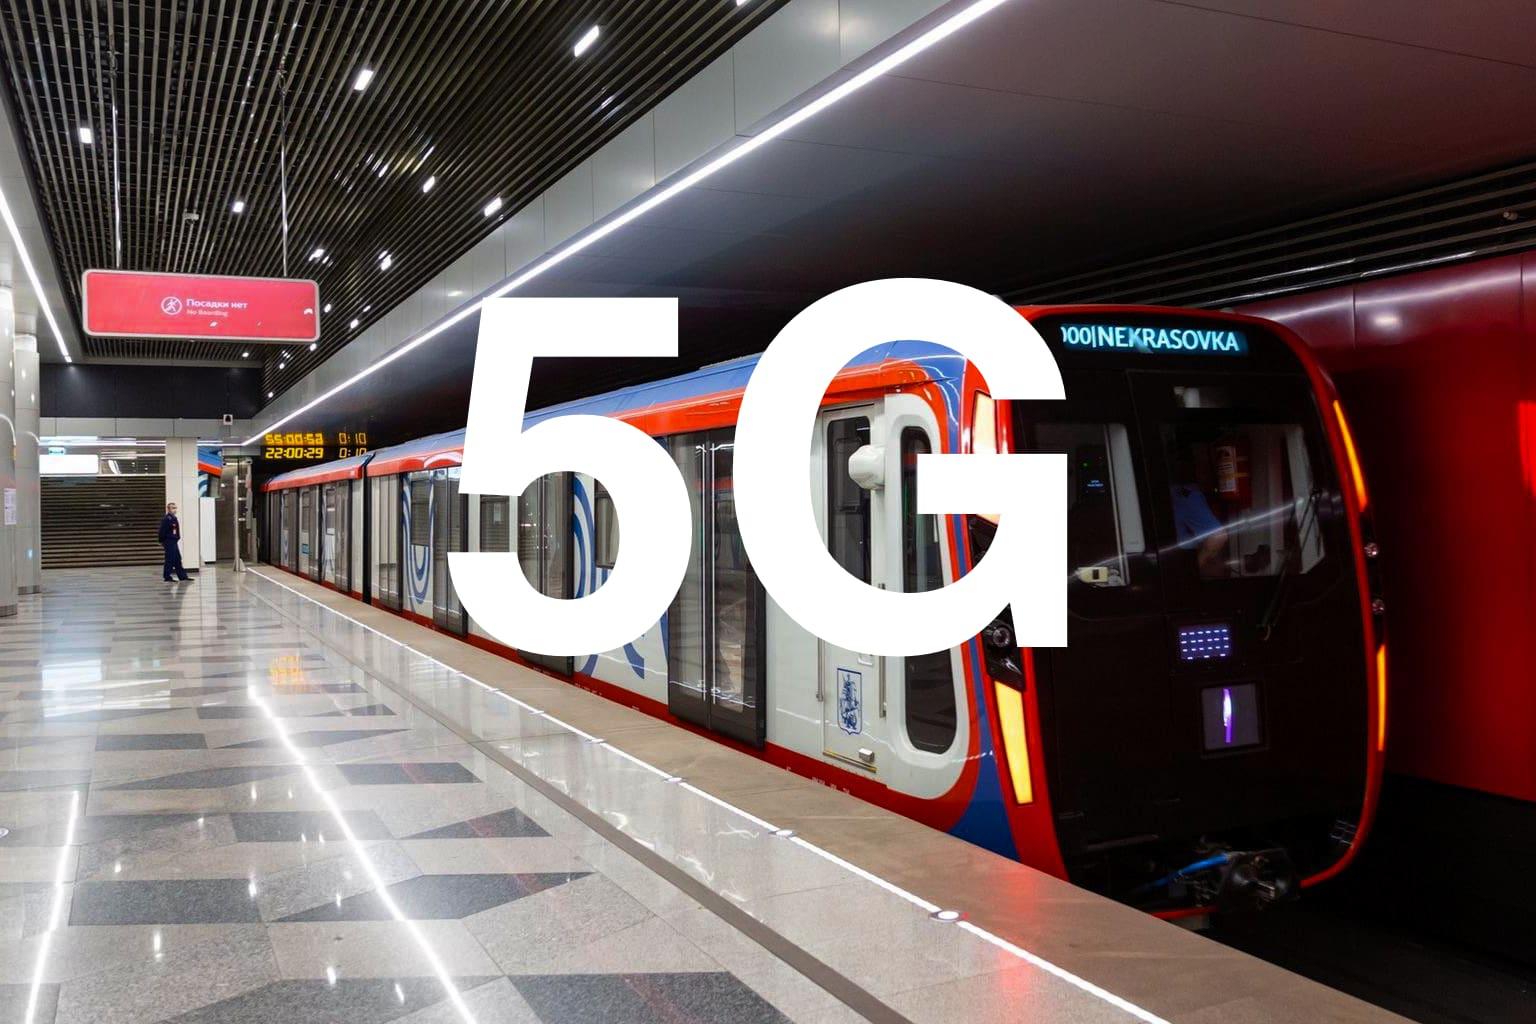 Собянин объявил о старте проекта по внедрению 5G в московское метро